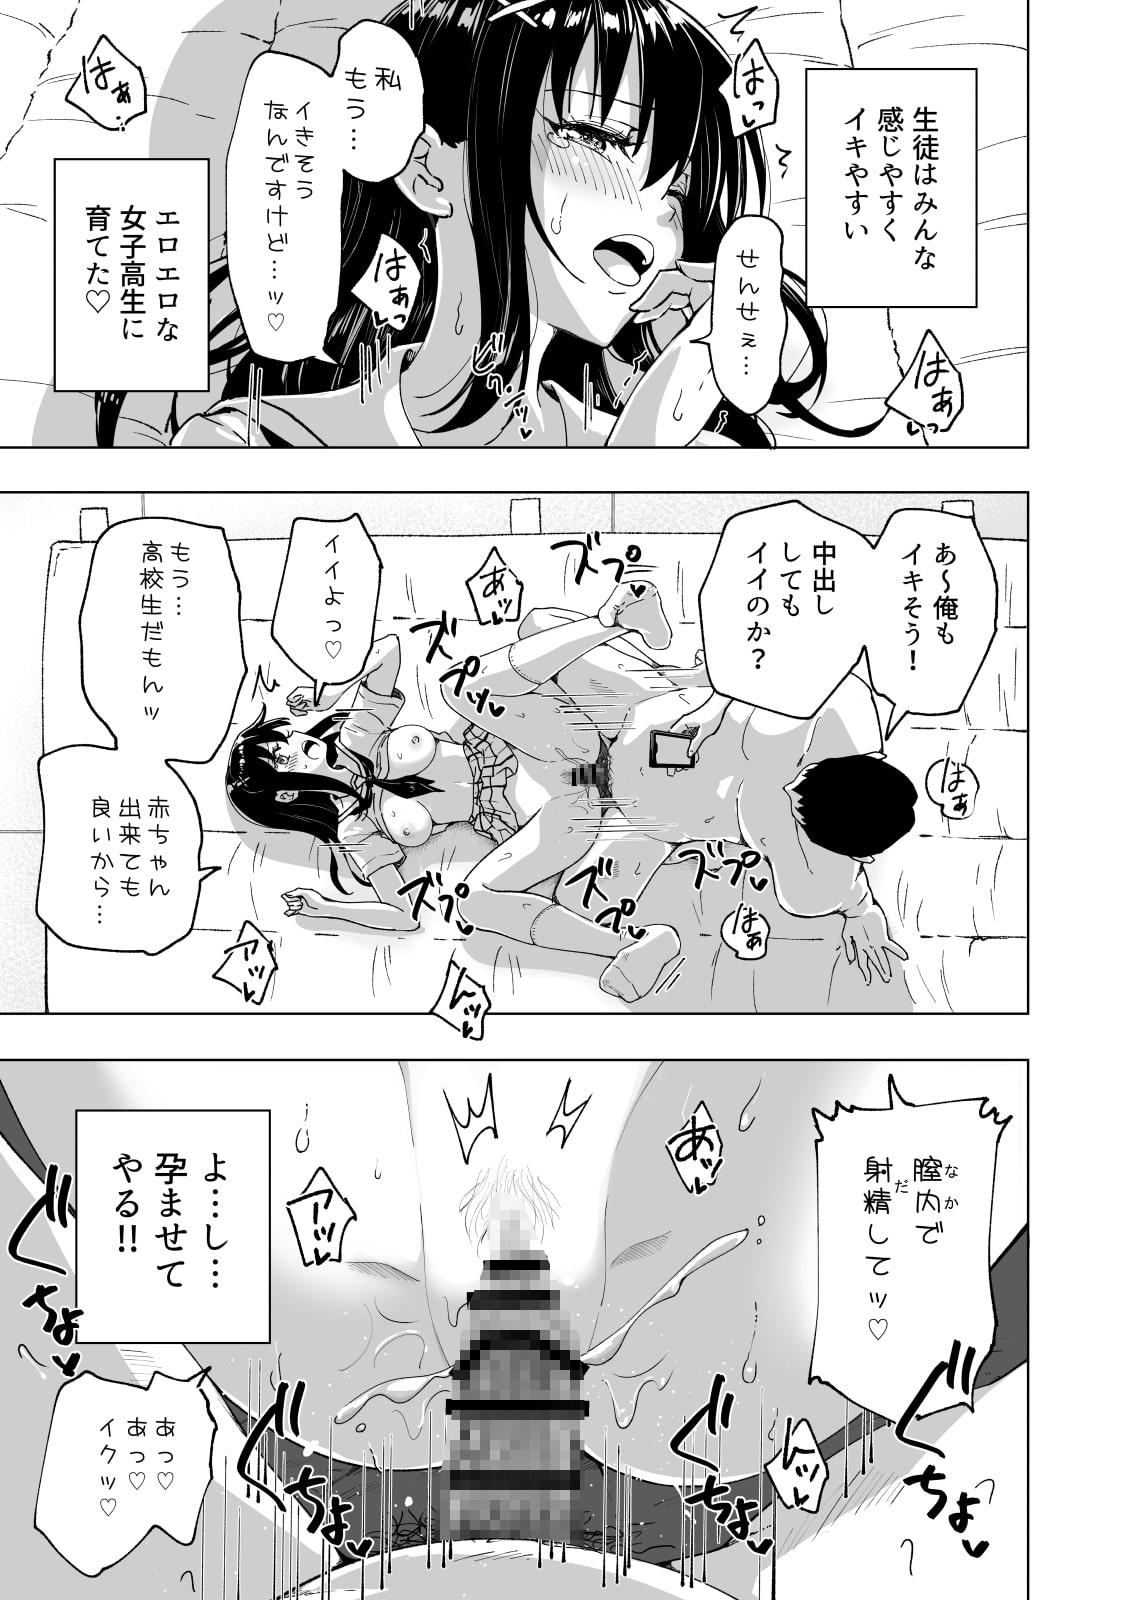 セックススマートフォン~ハーレム学園総集編~ レビュー 感想